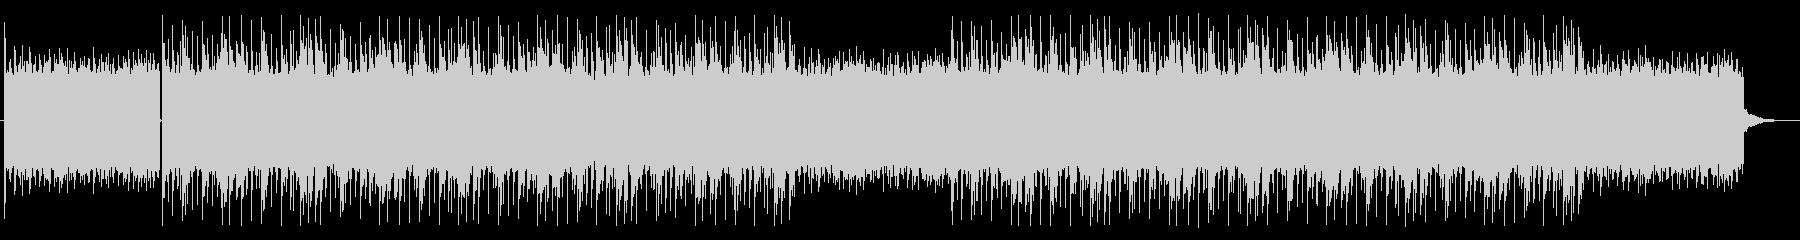 トーク番組、ラジオ、シンプルなBGMの未再生の波形